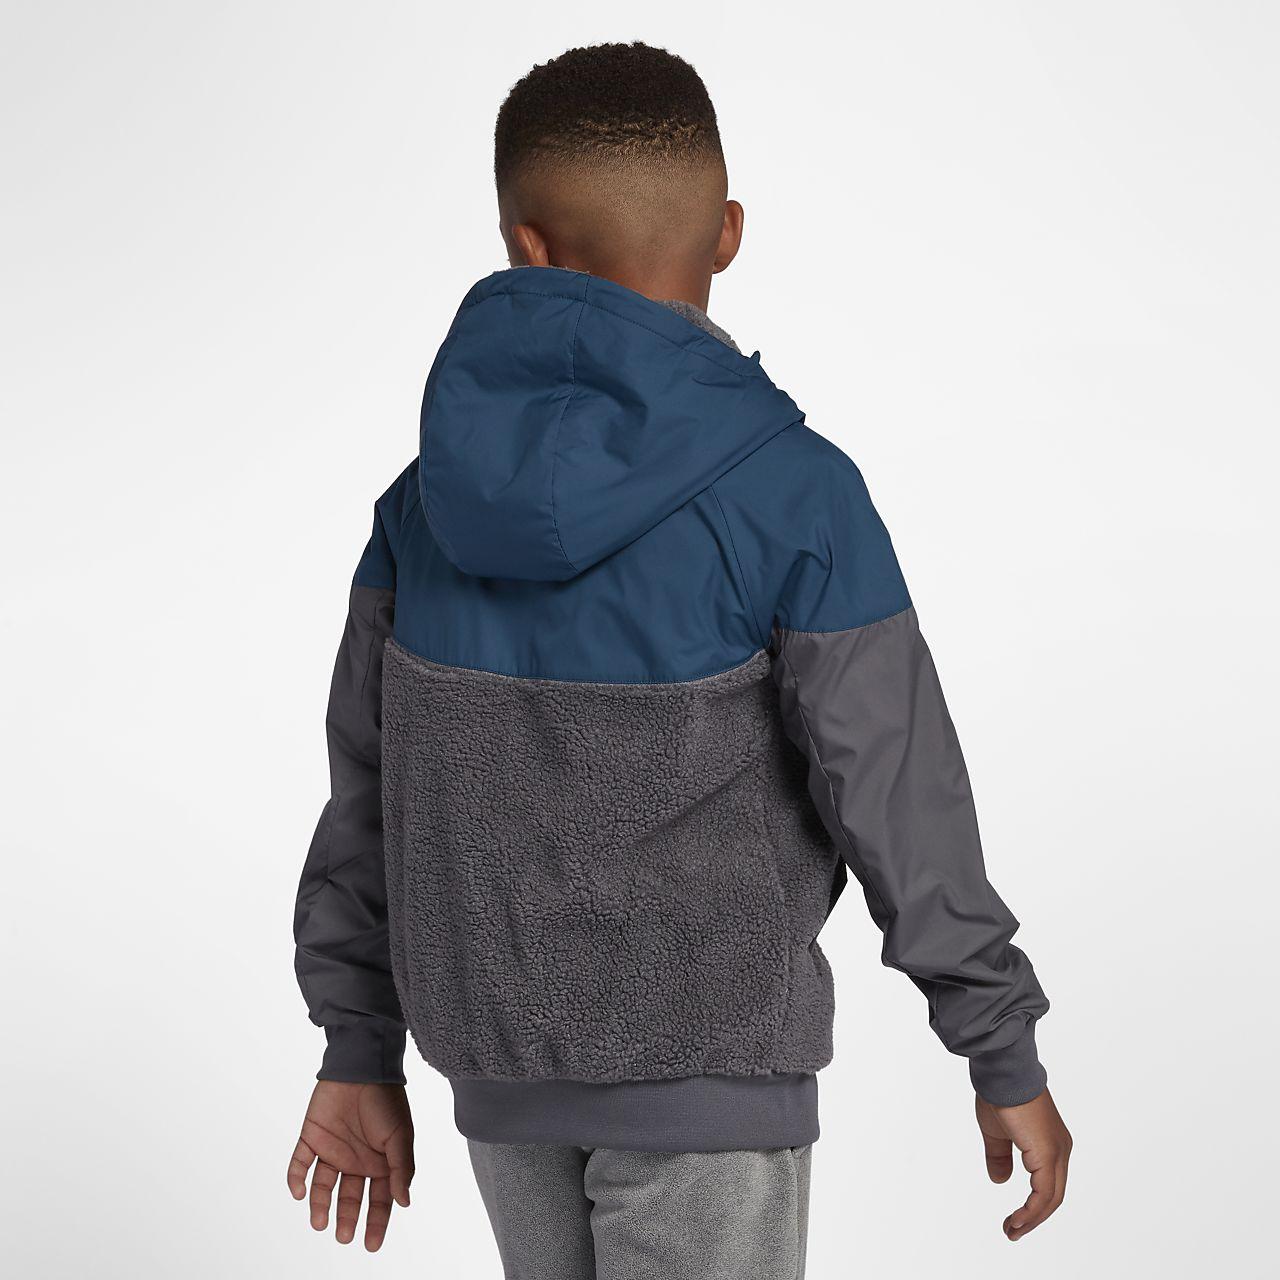 7e9853e24da9 Nike Sportswear Windrunner Boys  Sherpa Jacket. Nike.com